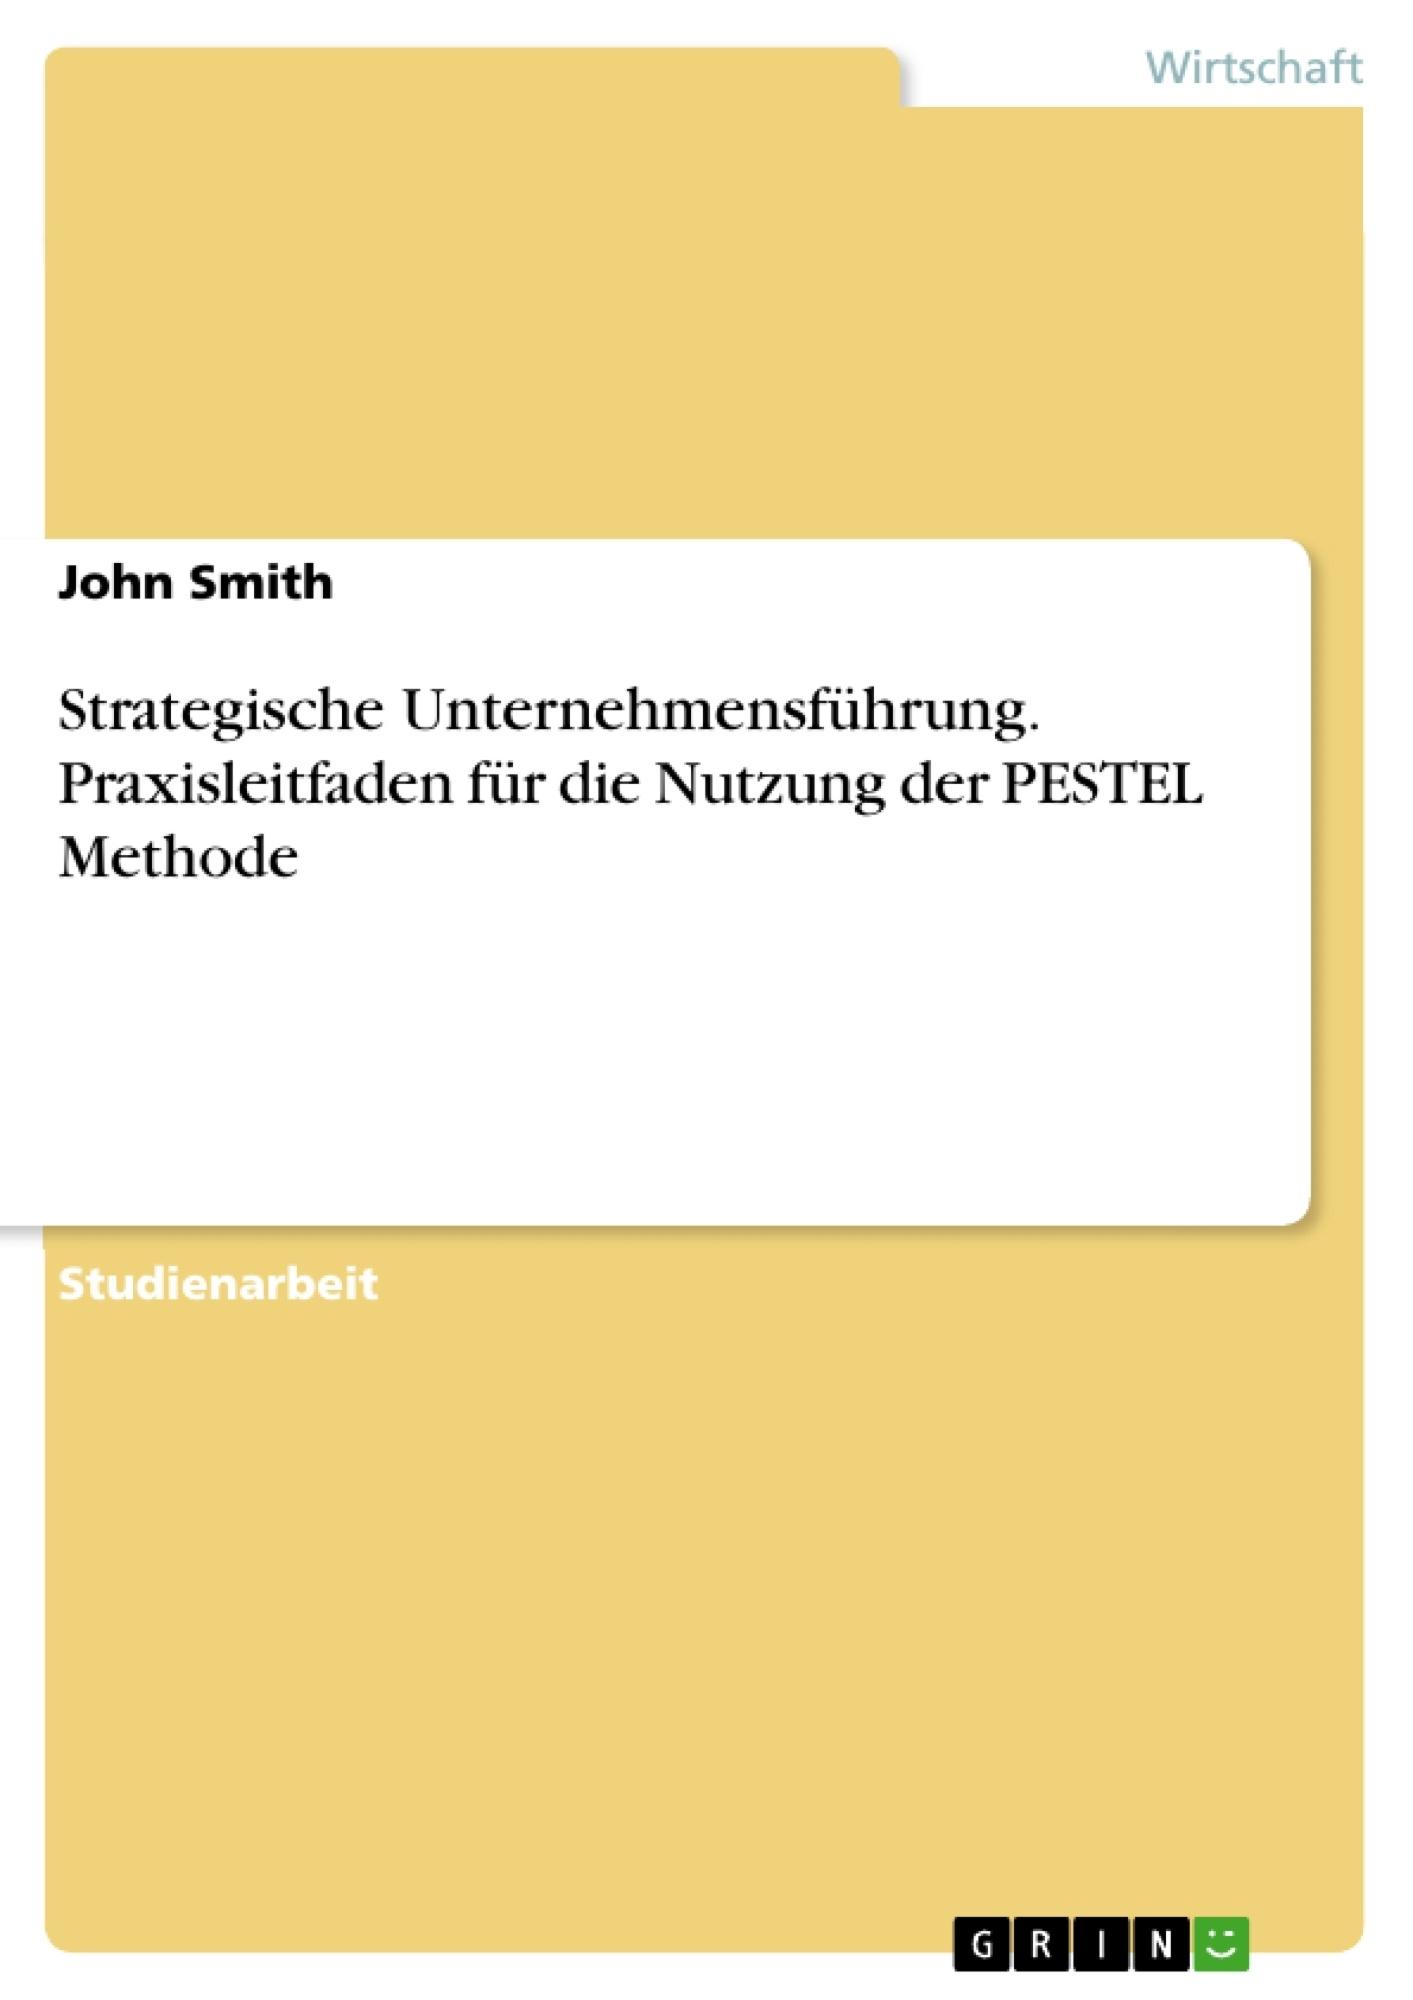 Titel: Strategische Unternehmensführung. Praxisleitfaden für die Nutzung der PESTEL Methode